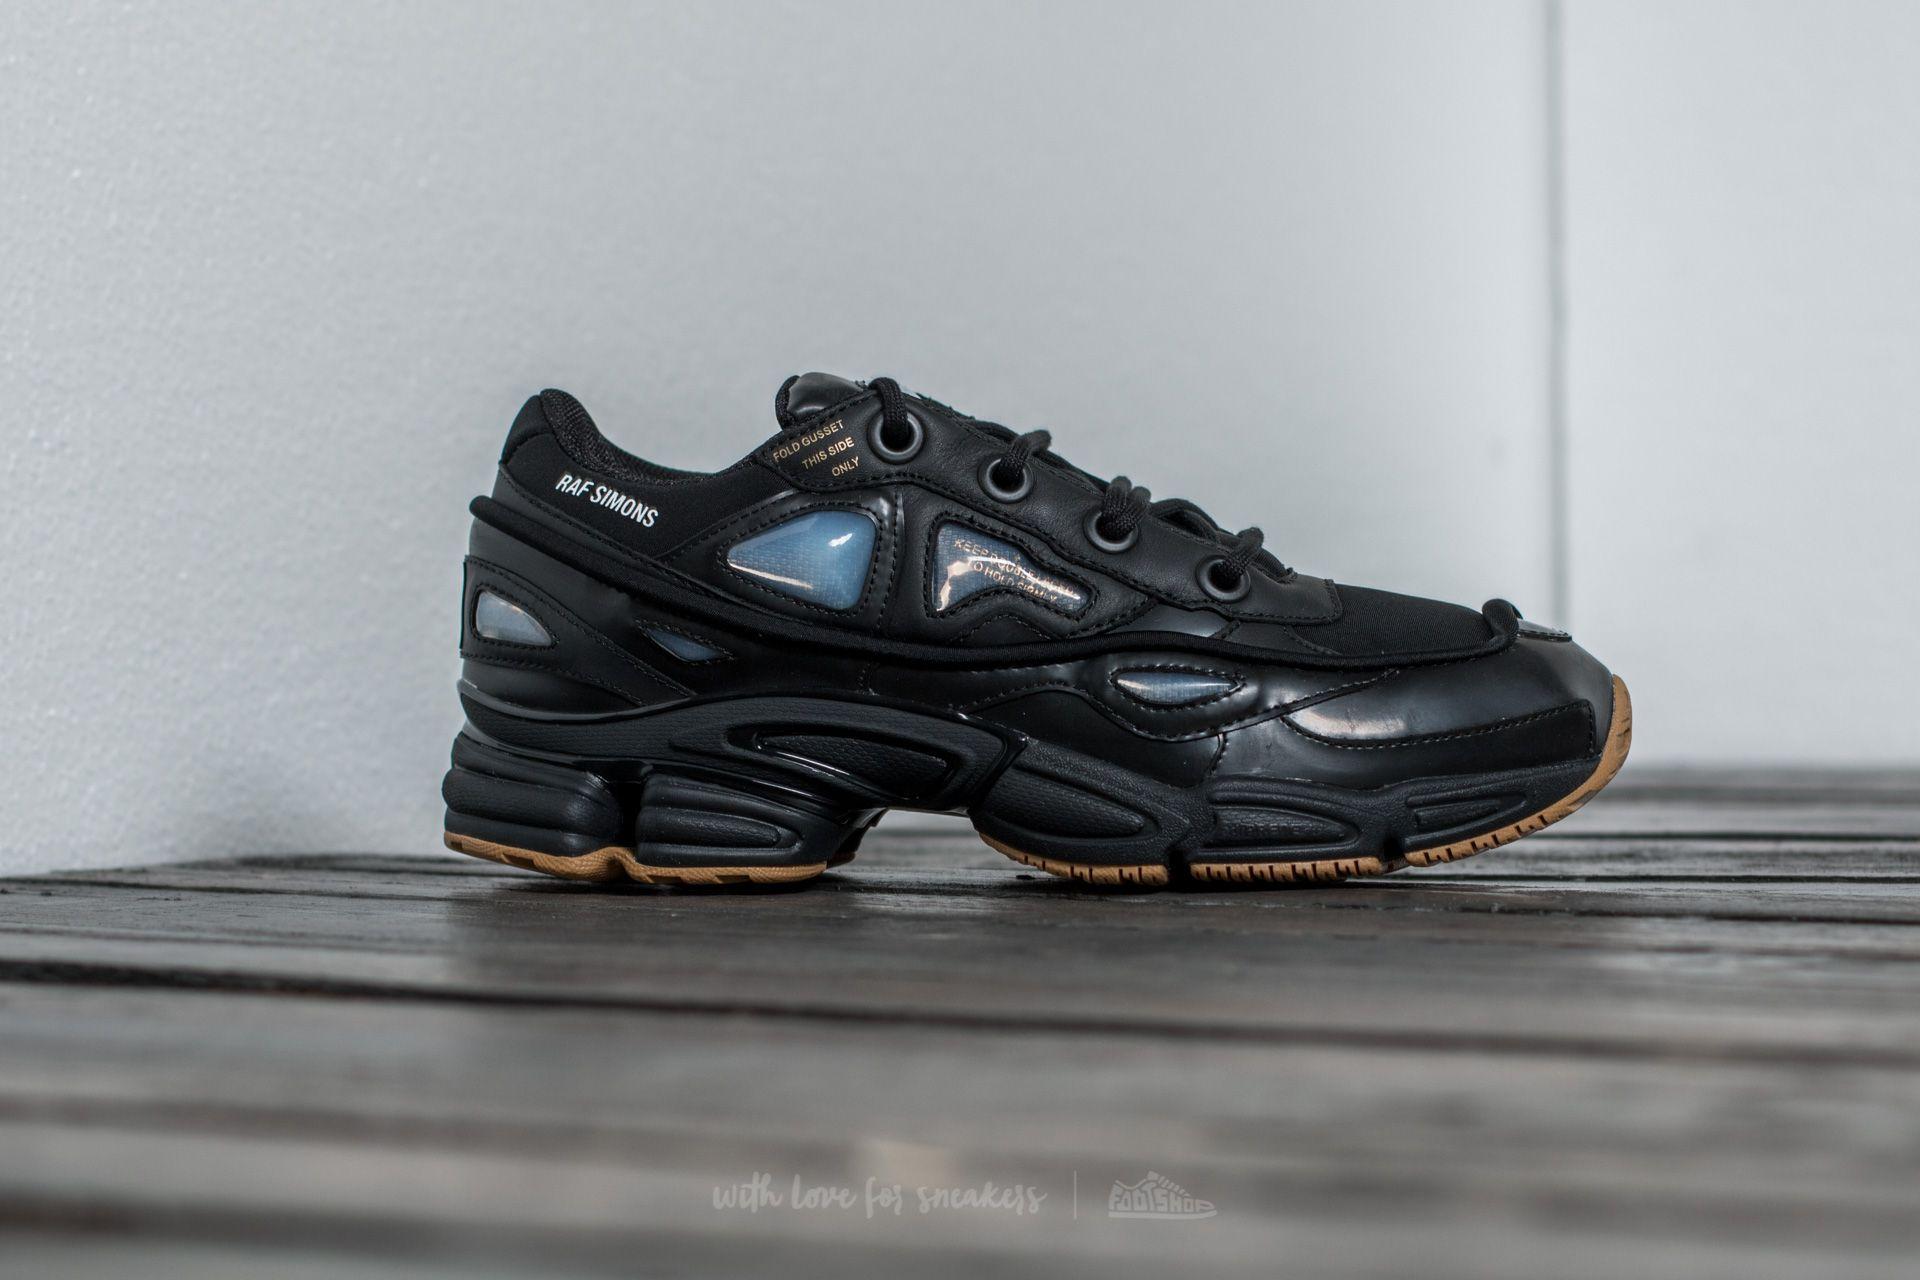 adidas Ozweego Bunny Raf Simons Core Black